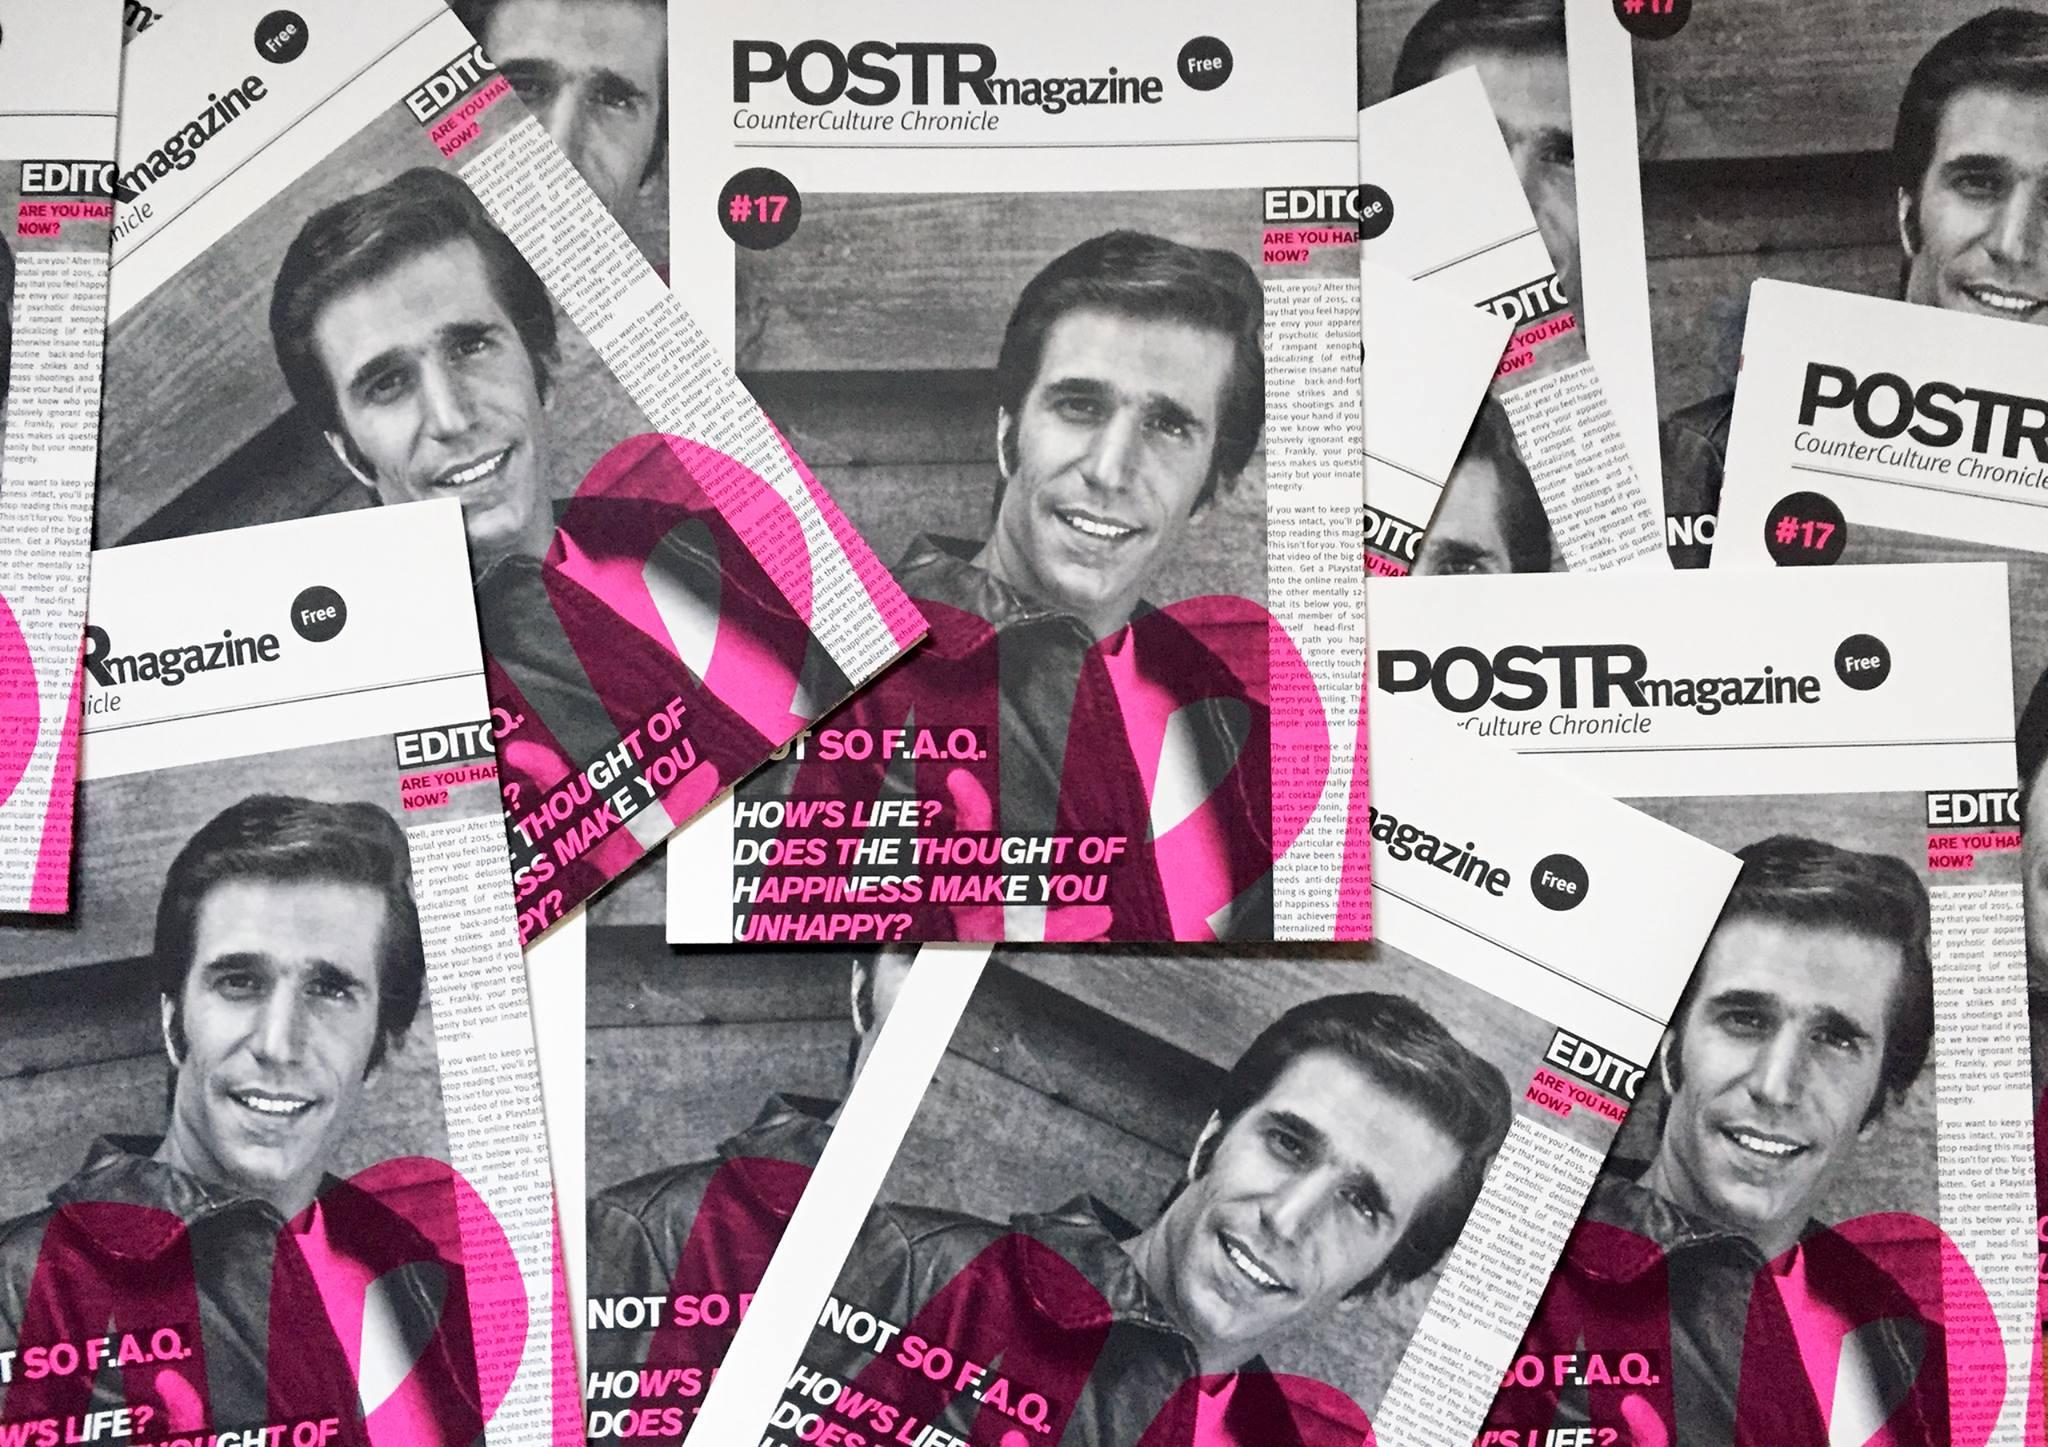 POSTRmagazine. Redactie opiniestuk voor geëngageerd magazine.